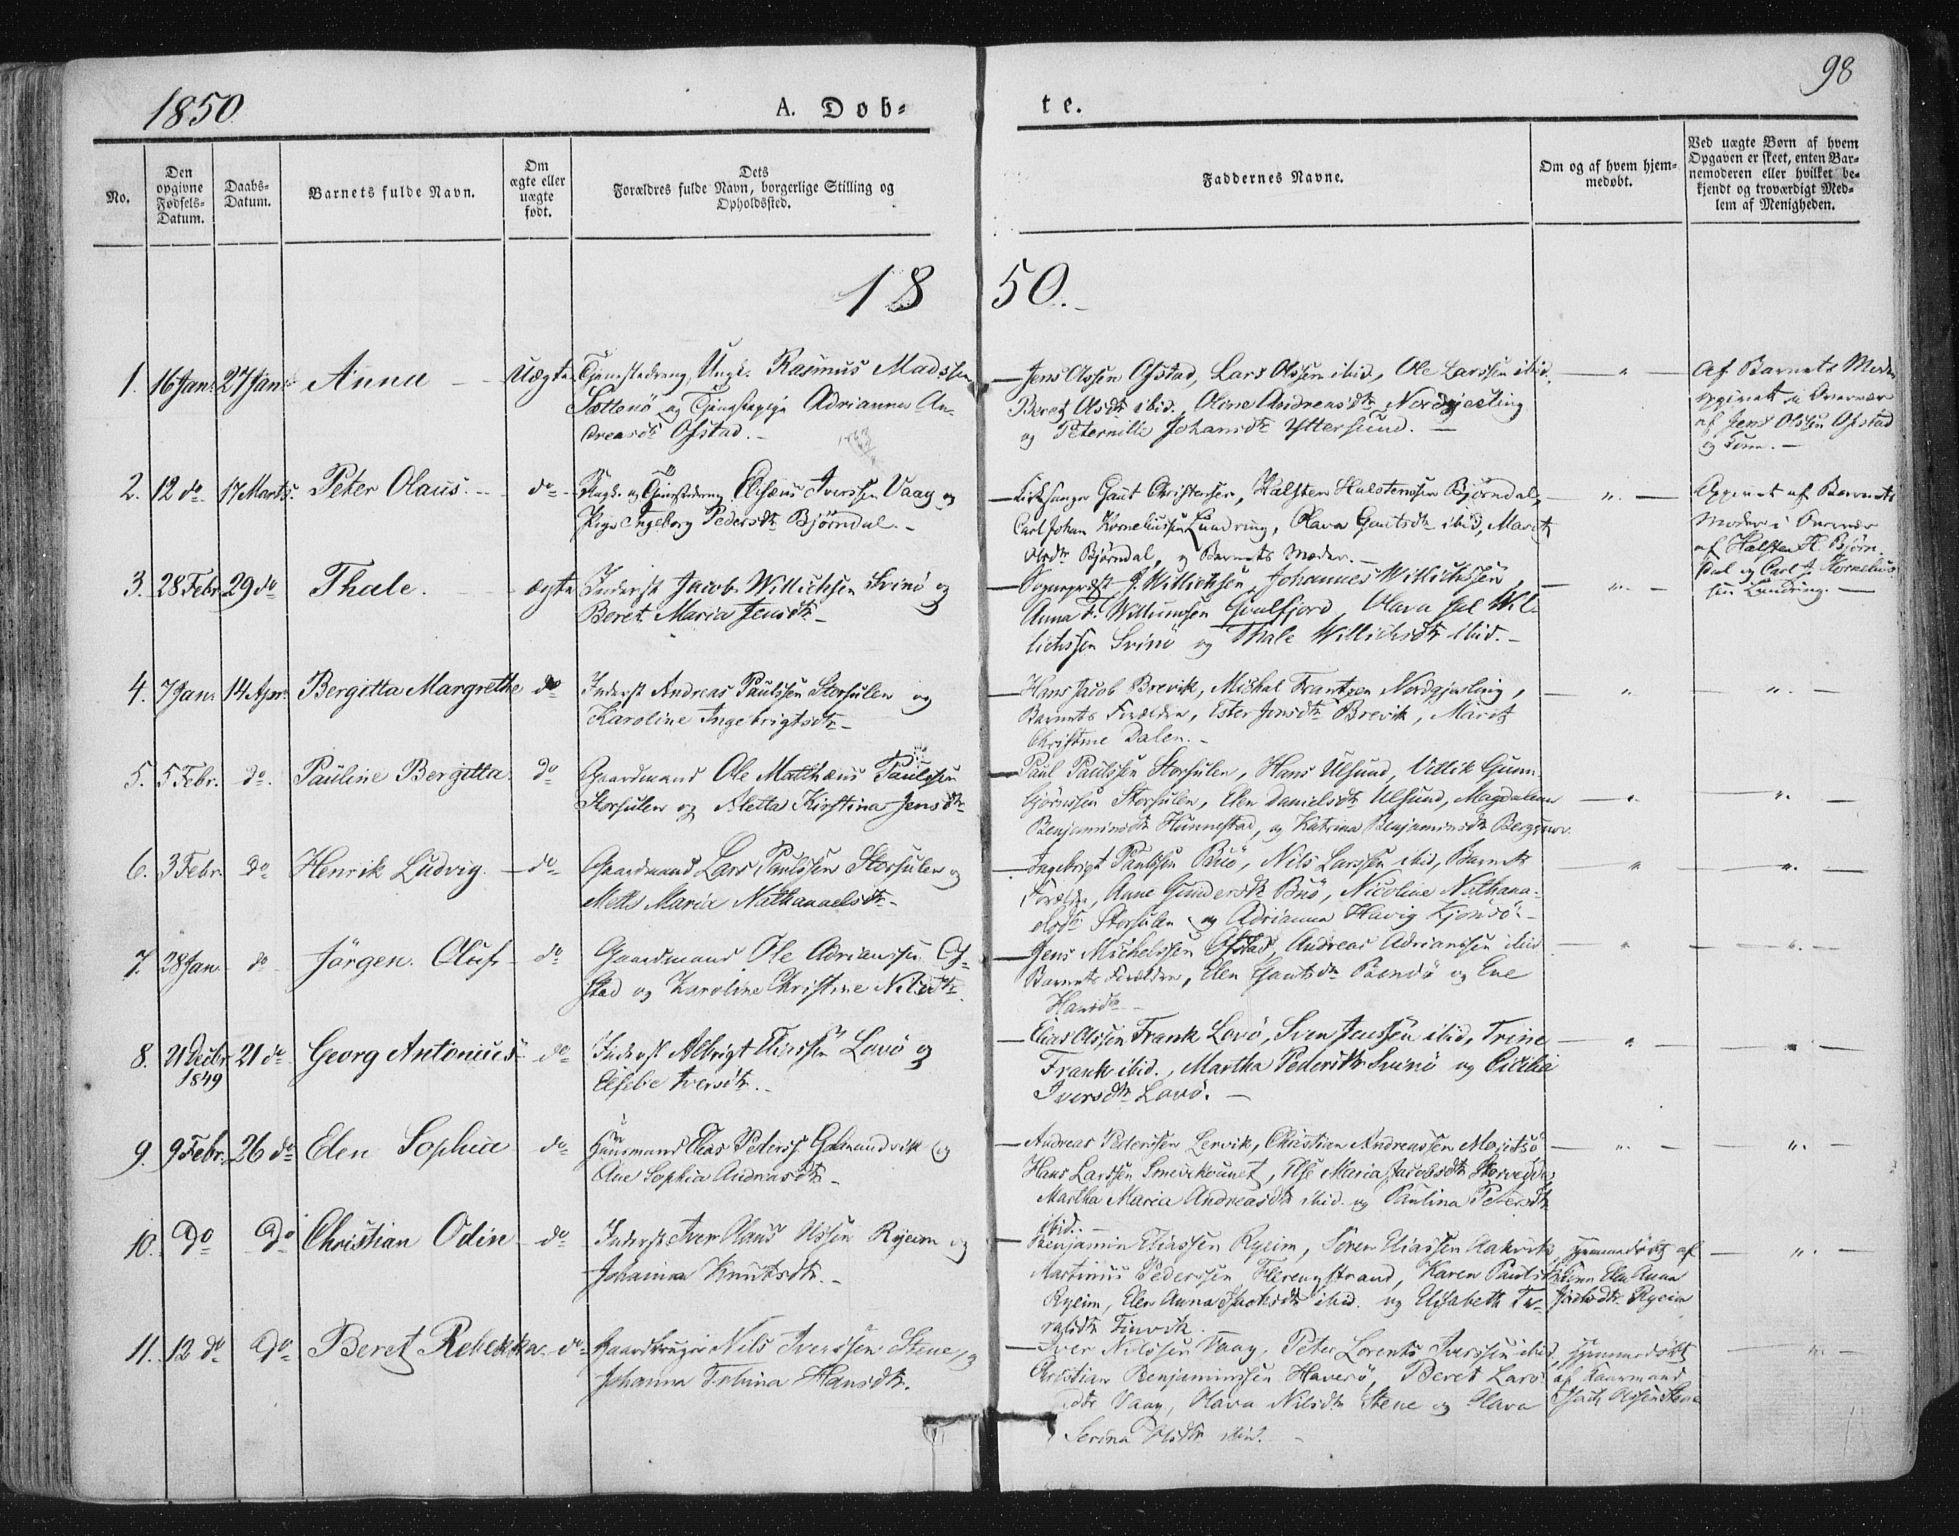 SAT, Ministerialprotokoller, klokkerbøker og fødselsregistre - Nord-Trøndelag, 784/L0669: Ministerialbok nr. 784A04, 1829-1859, s. 98